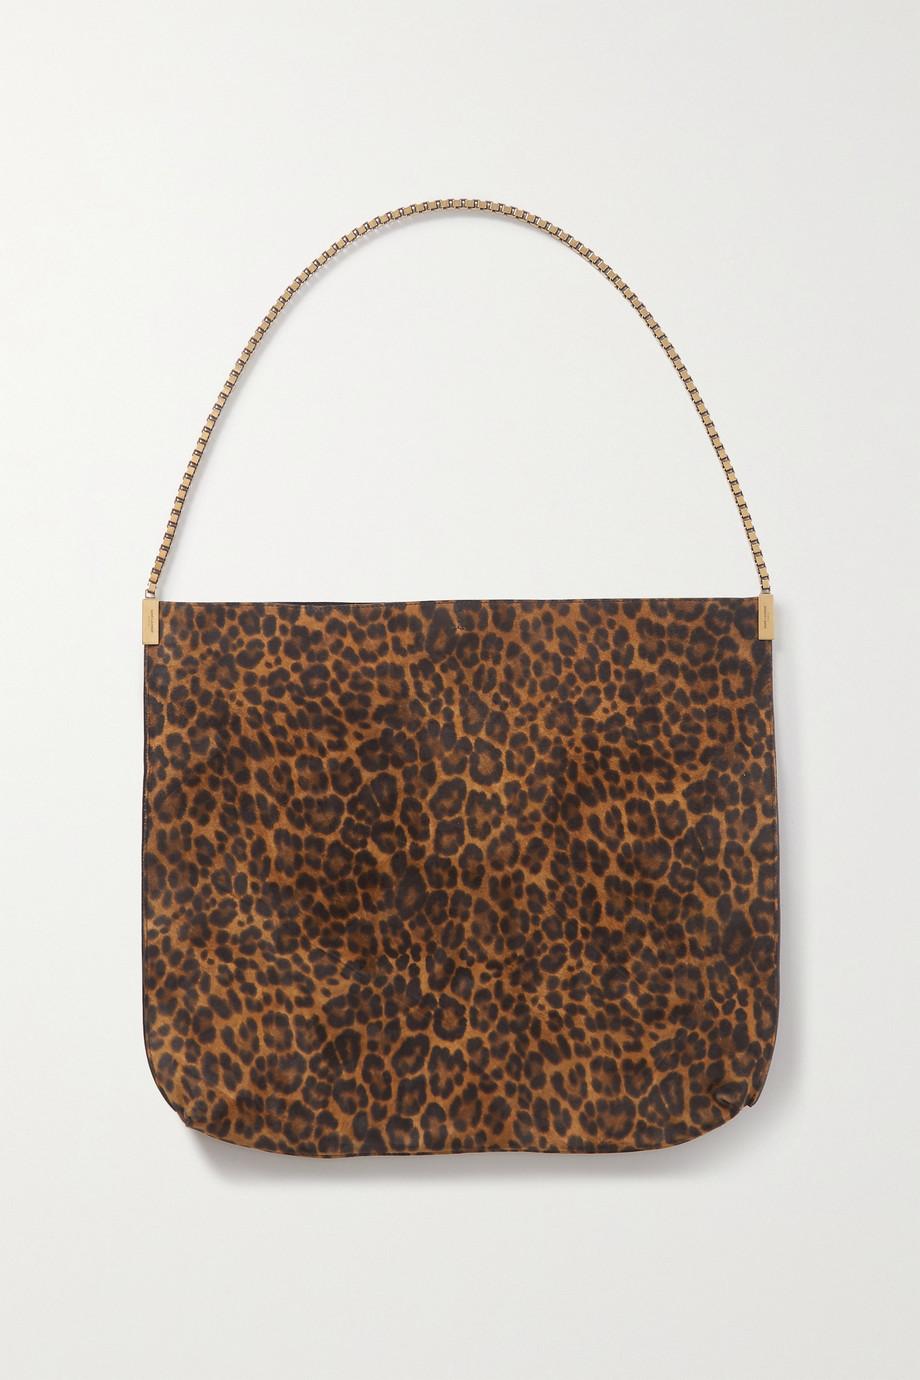 SAINT LAURENT Suzanne mittelgroße Schultertasche aus Veloursleder mit Leopardenprint